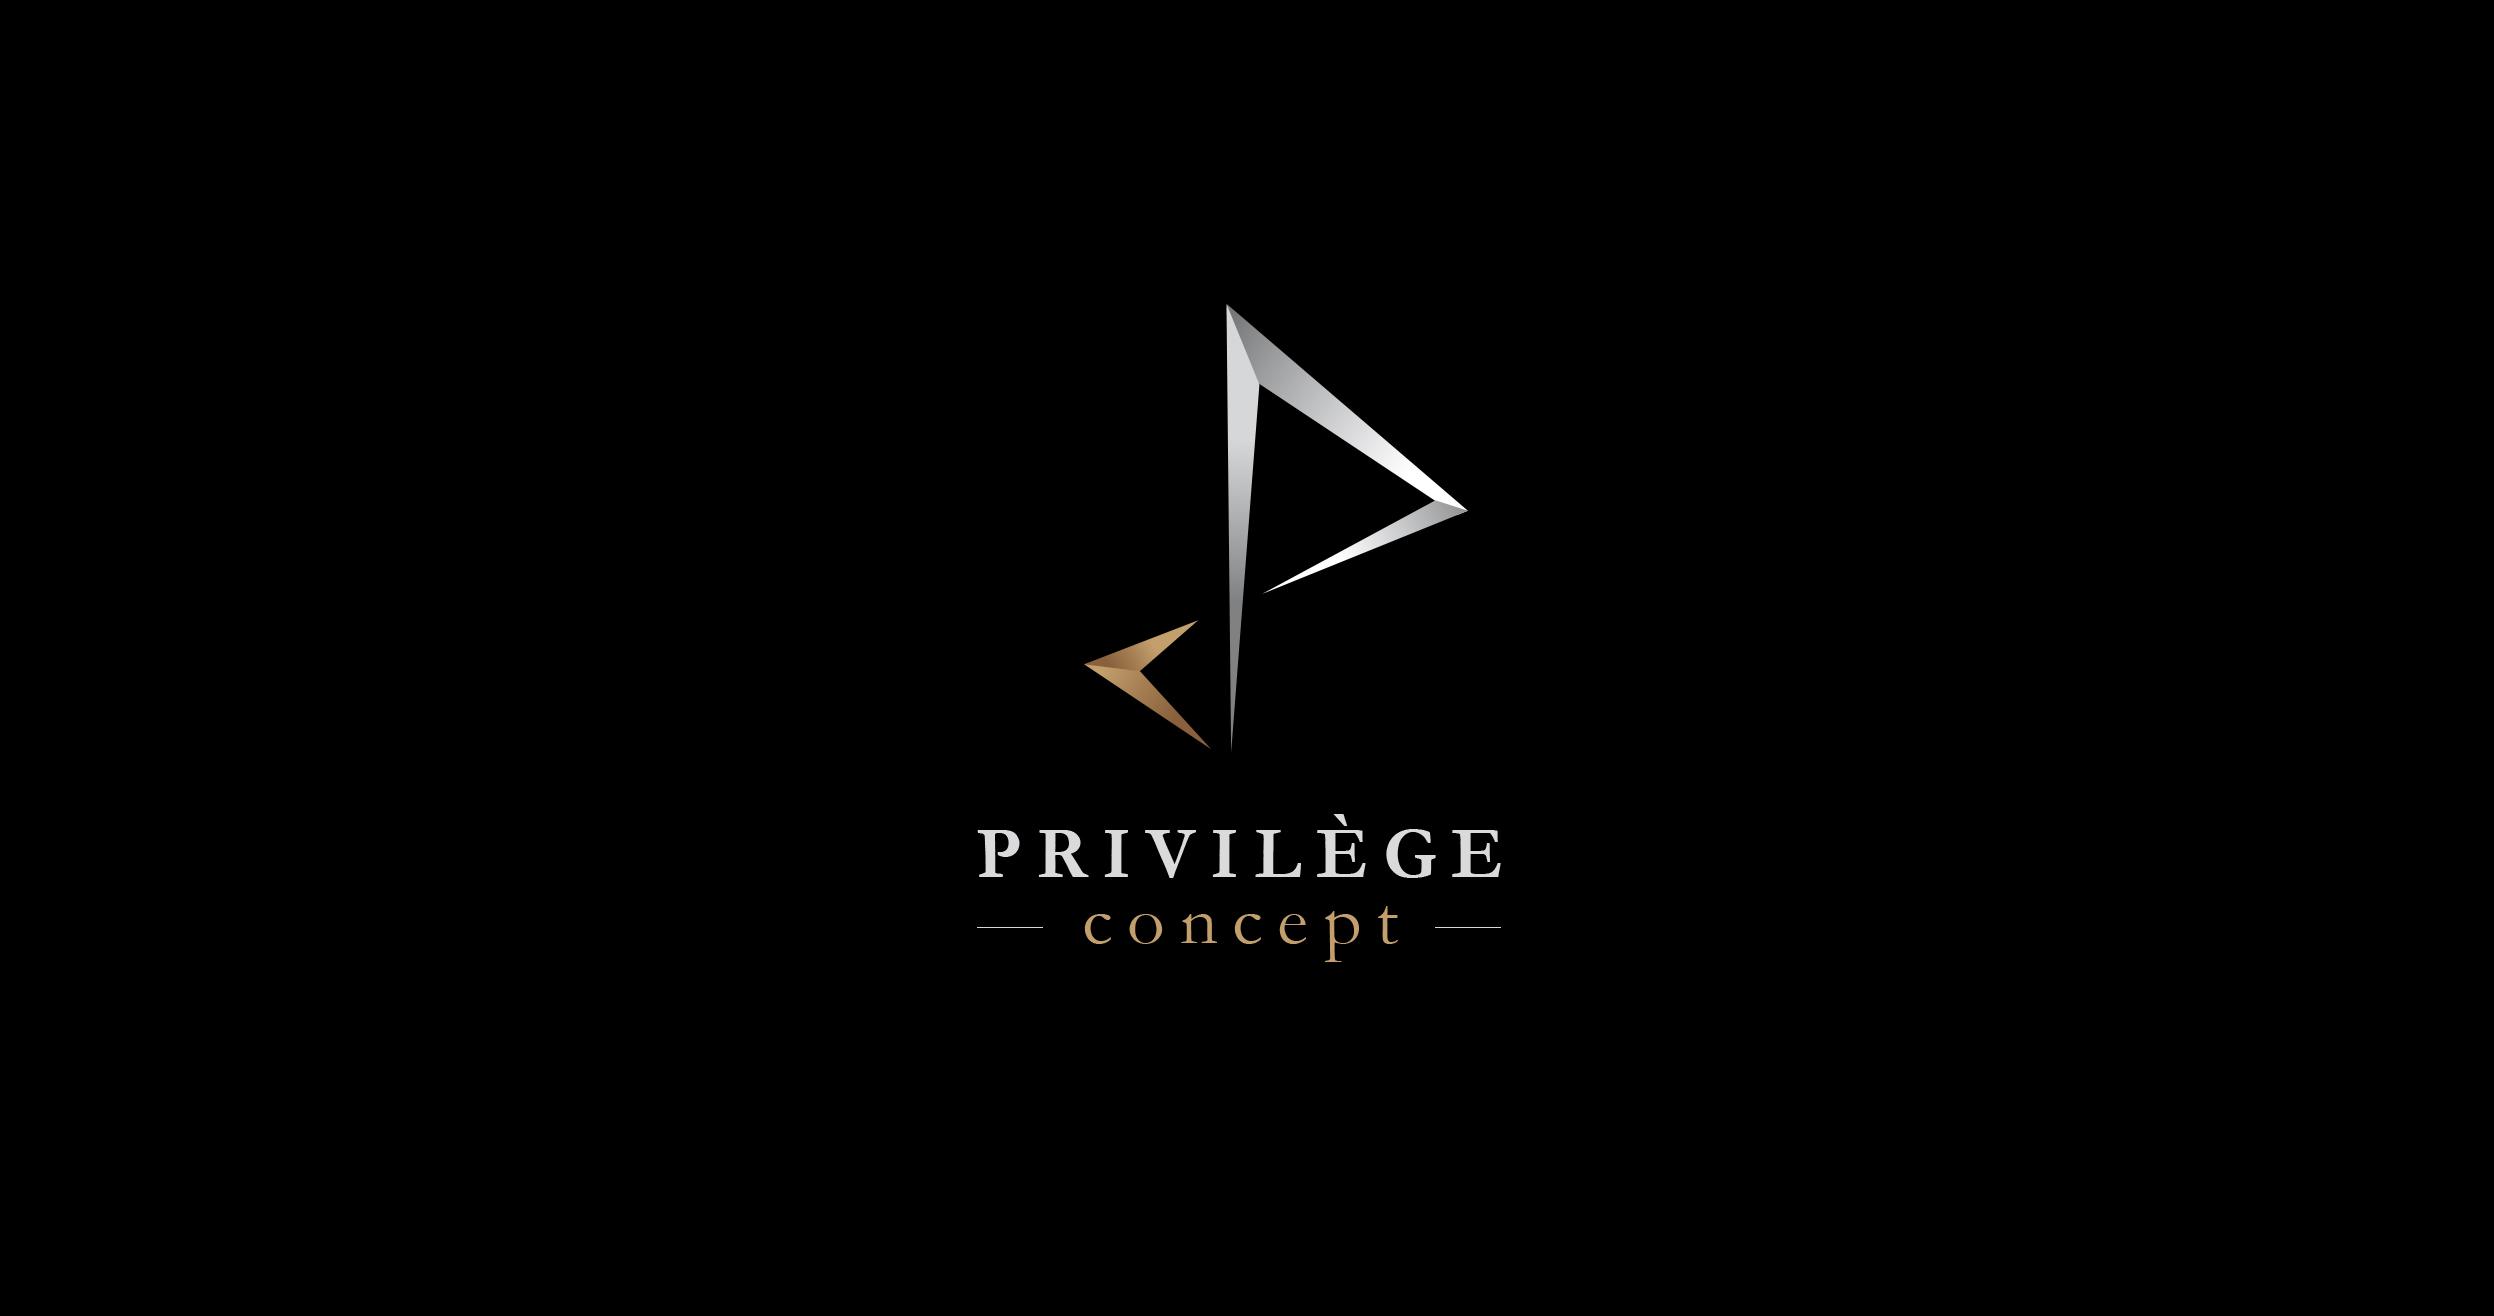 Création de logo privilège